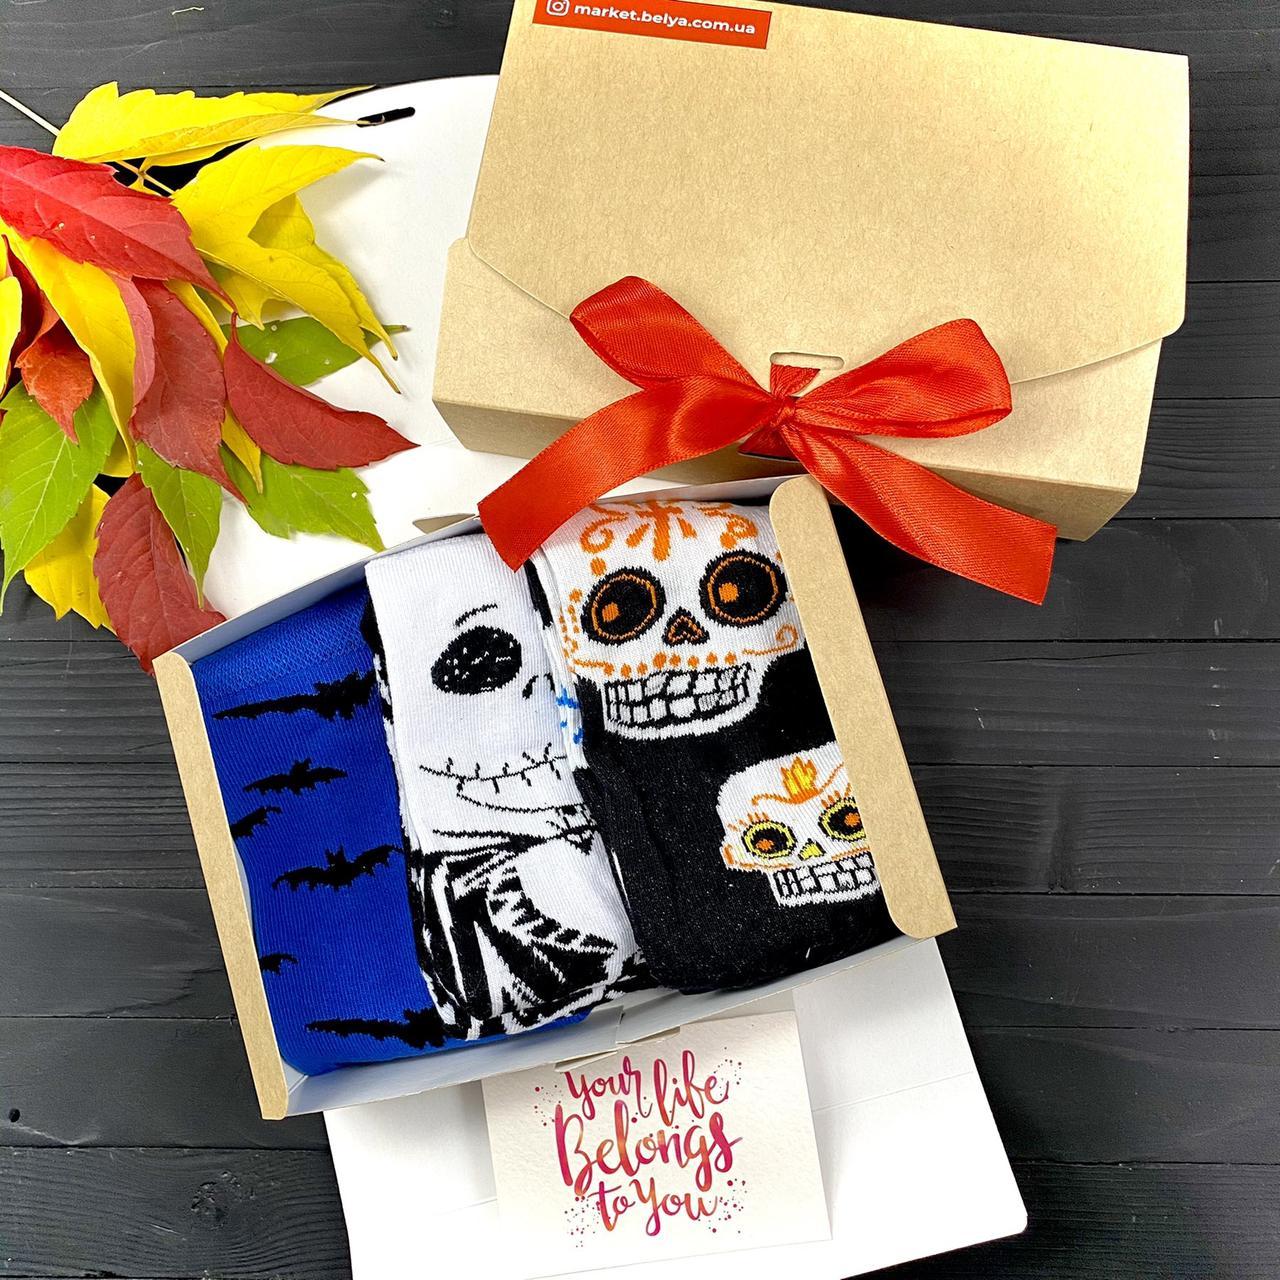 Подарочный набор носки 3 шт Скелет Джек, Череп, Летучие мыши синие Neseli